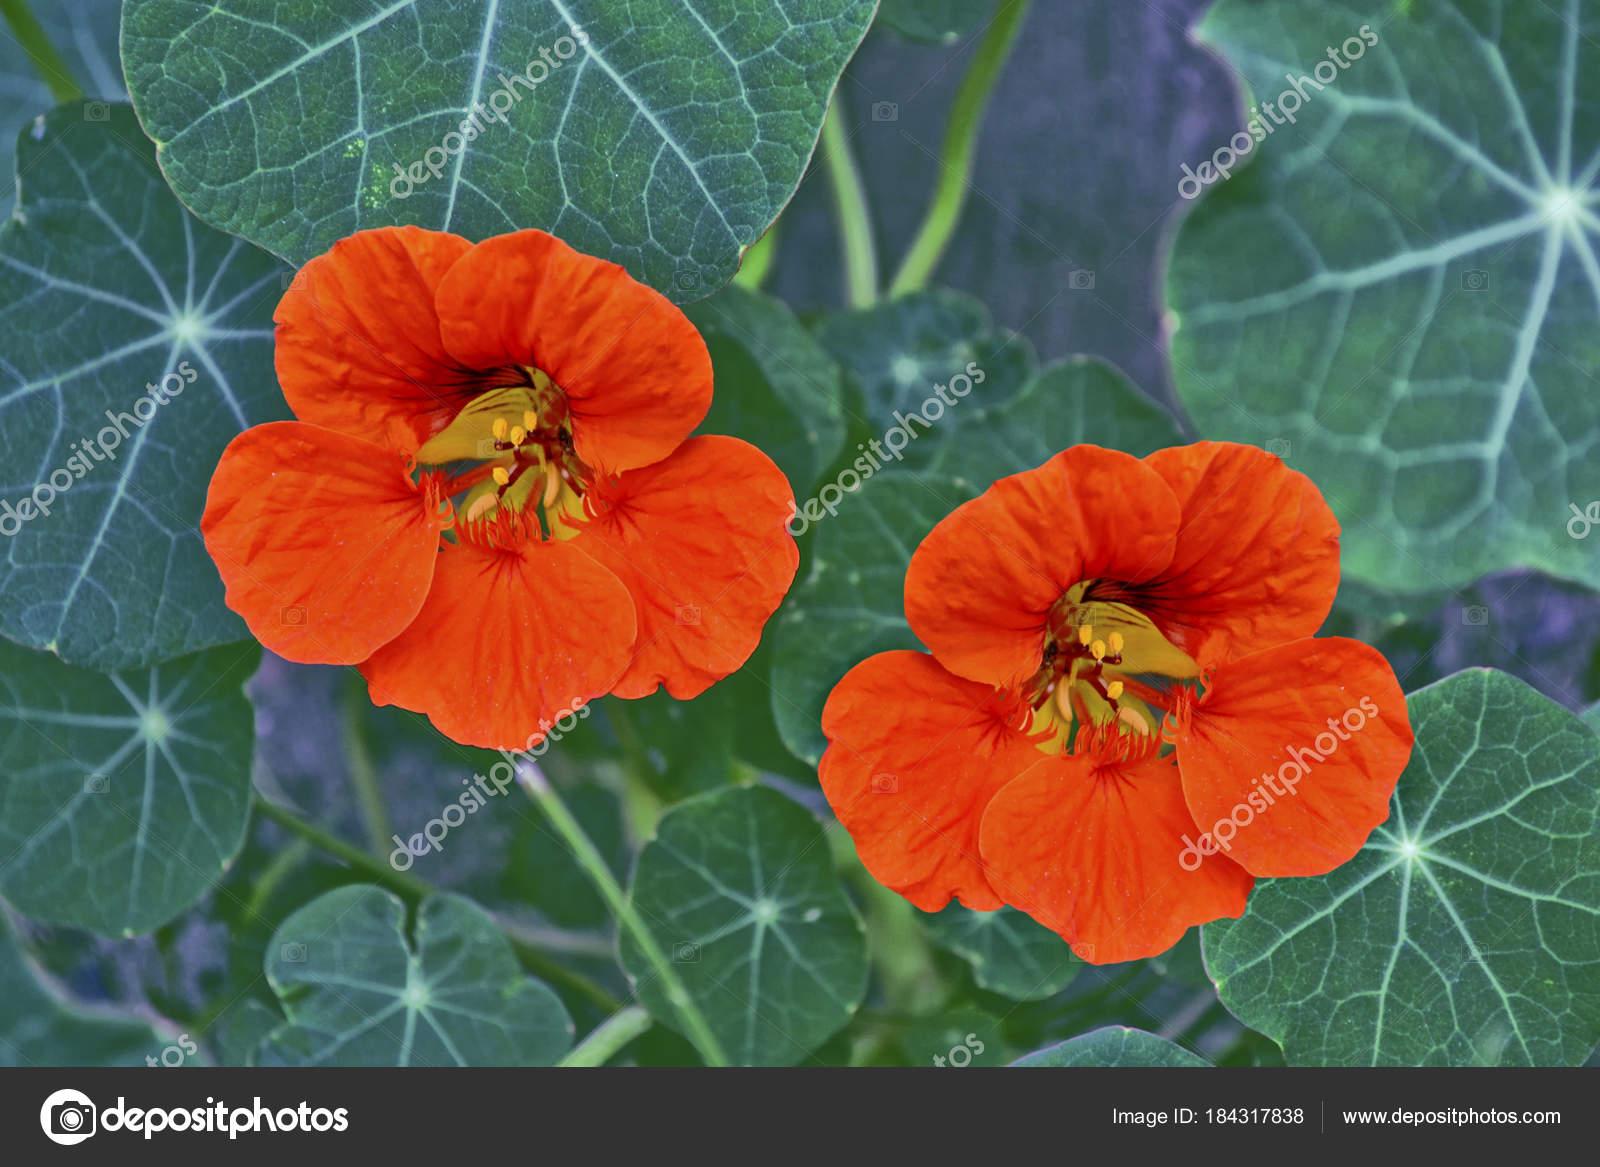 Fleurs De Capucine Paysage Dété Photographie Alenalihacheva